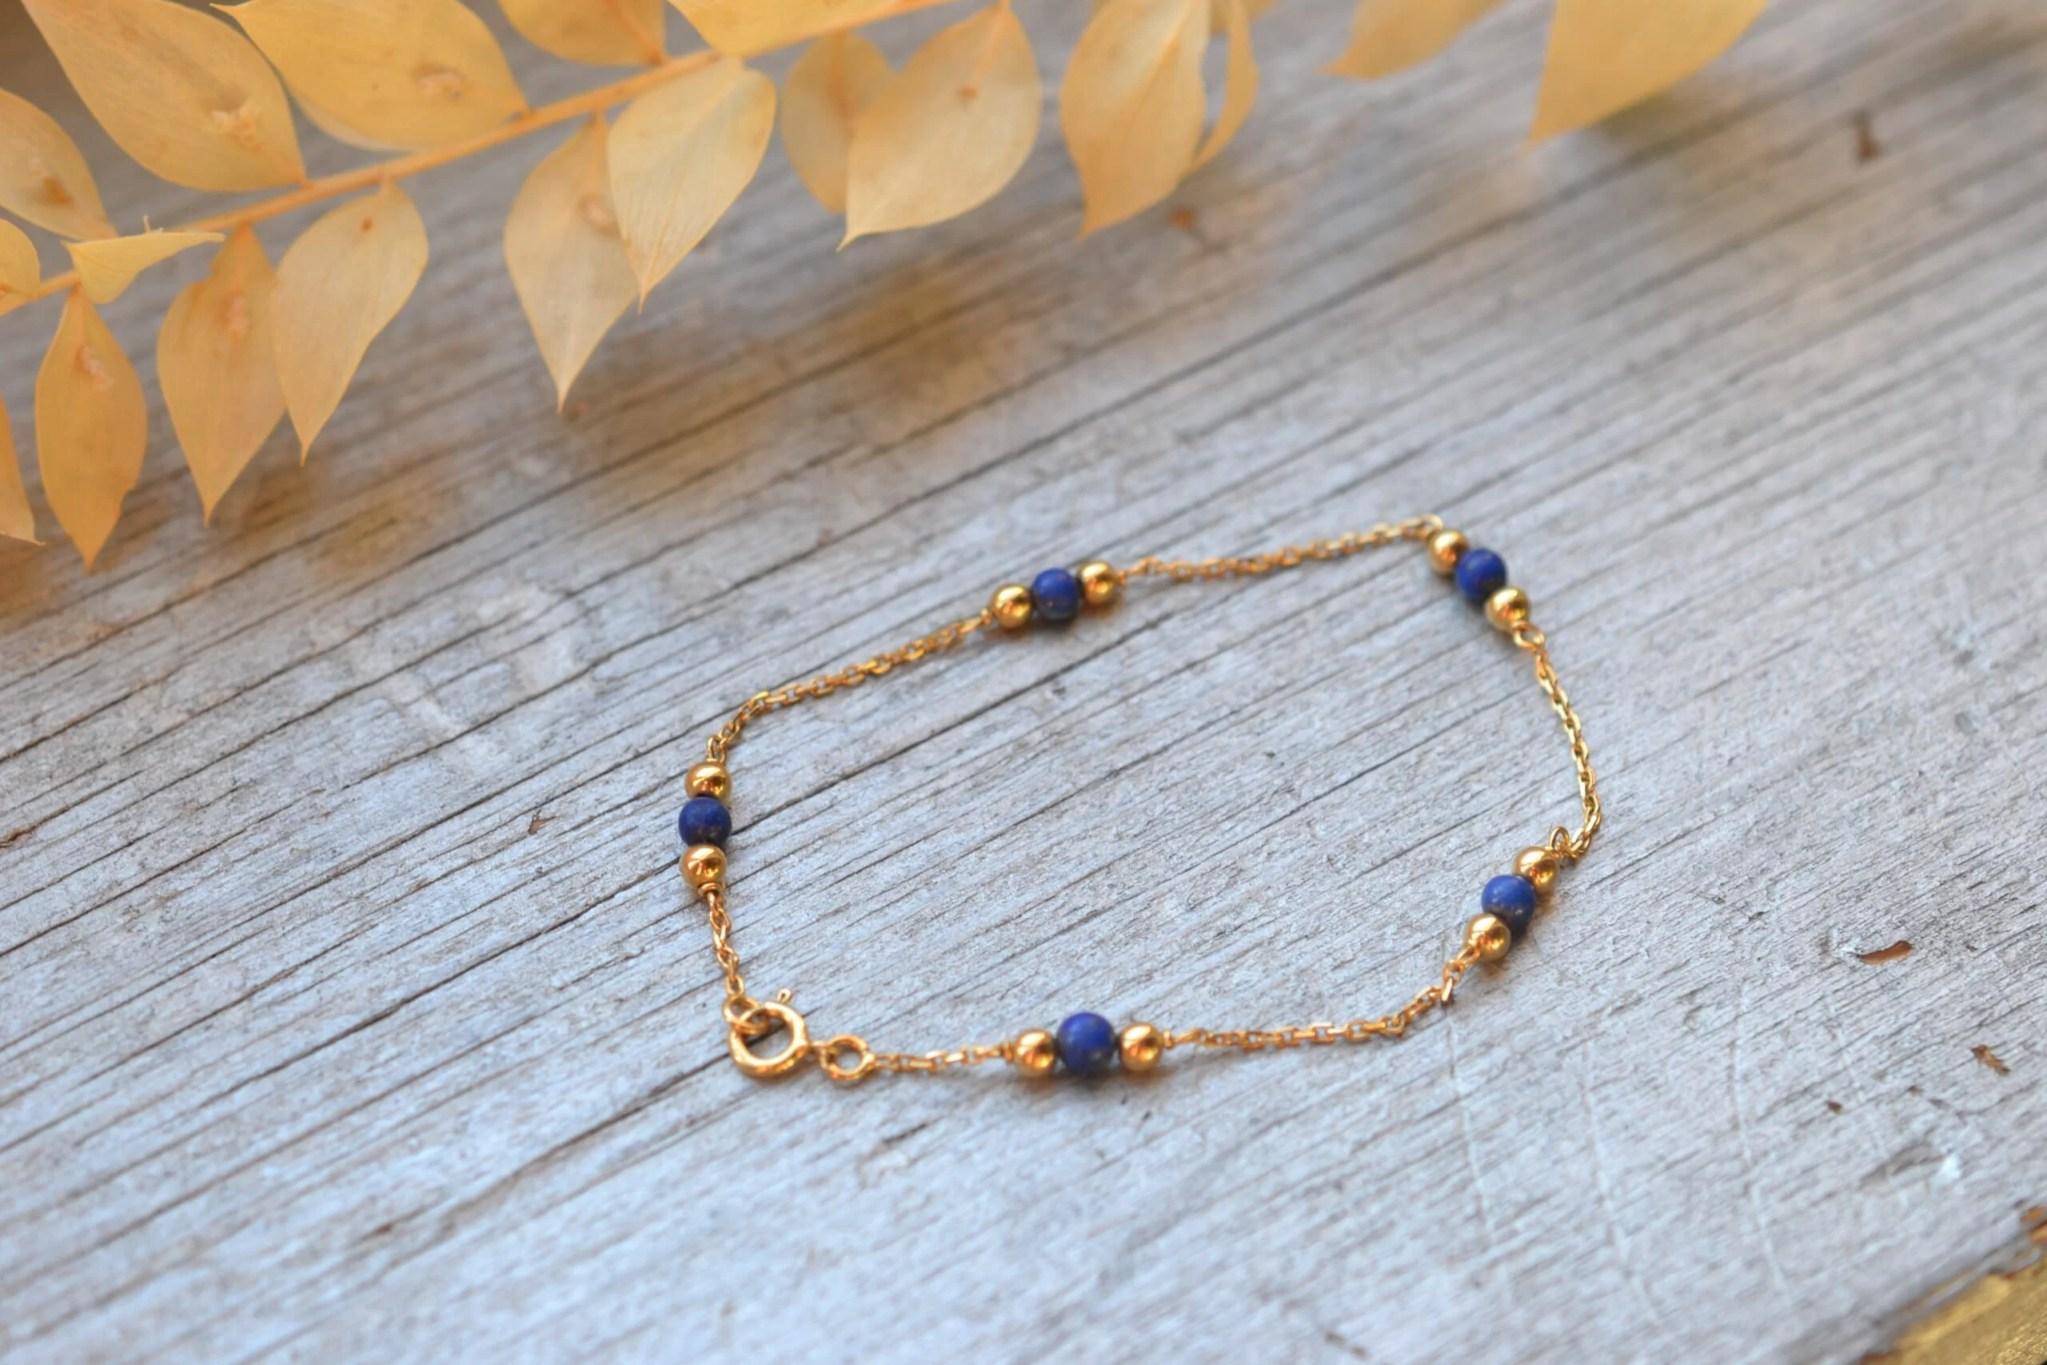 bracelet ancien en or massif 18 carats avec petites billes vertes , monté sur une chaine fine- un bijou noircarat.fr